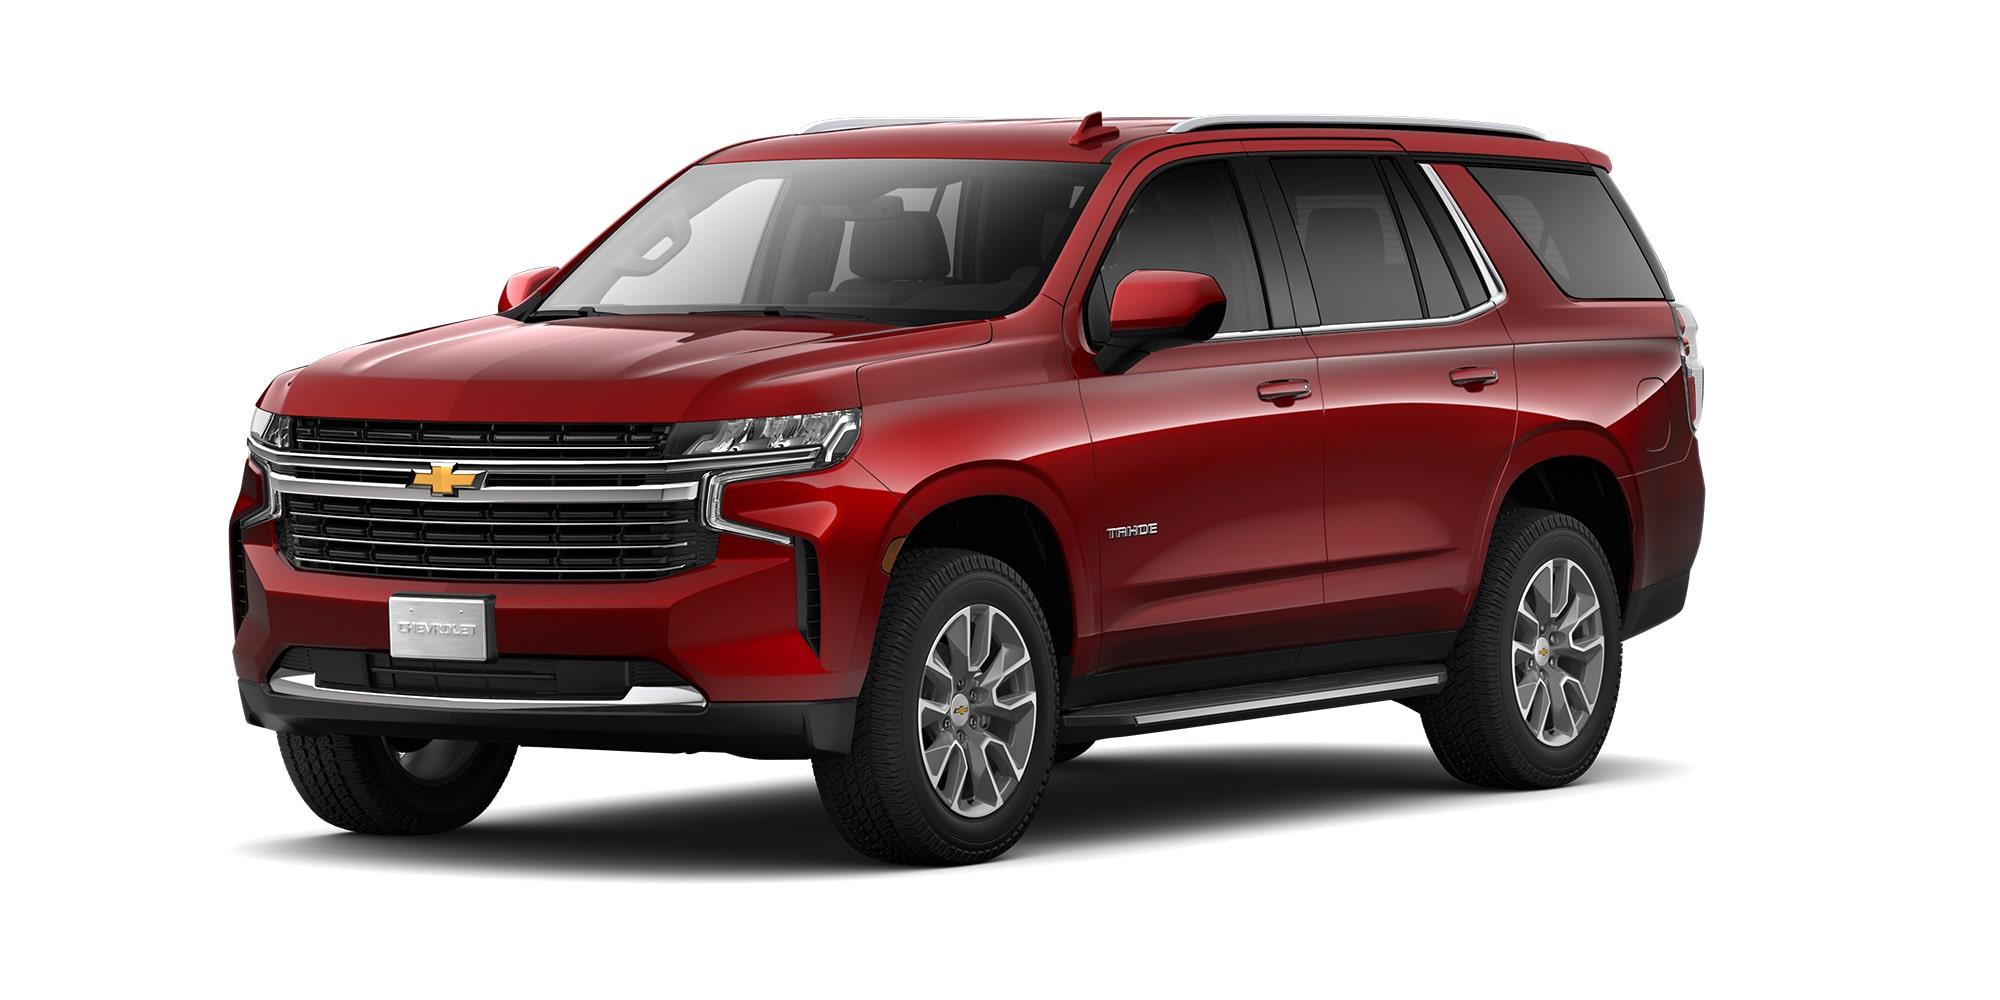 Chevrolet Tahoe 2021, SUV de 3 filas de asientos versión LT